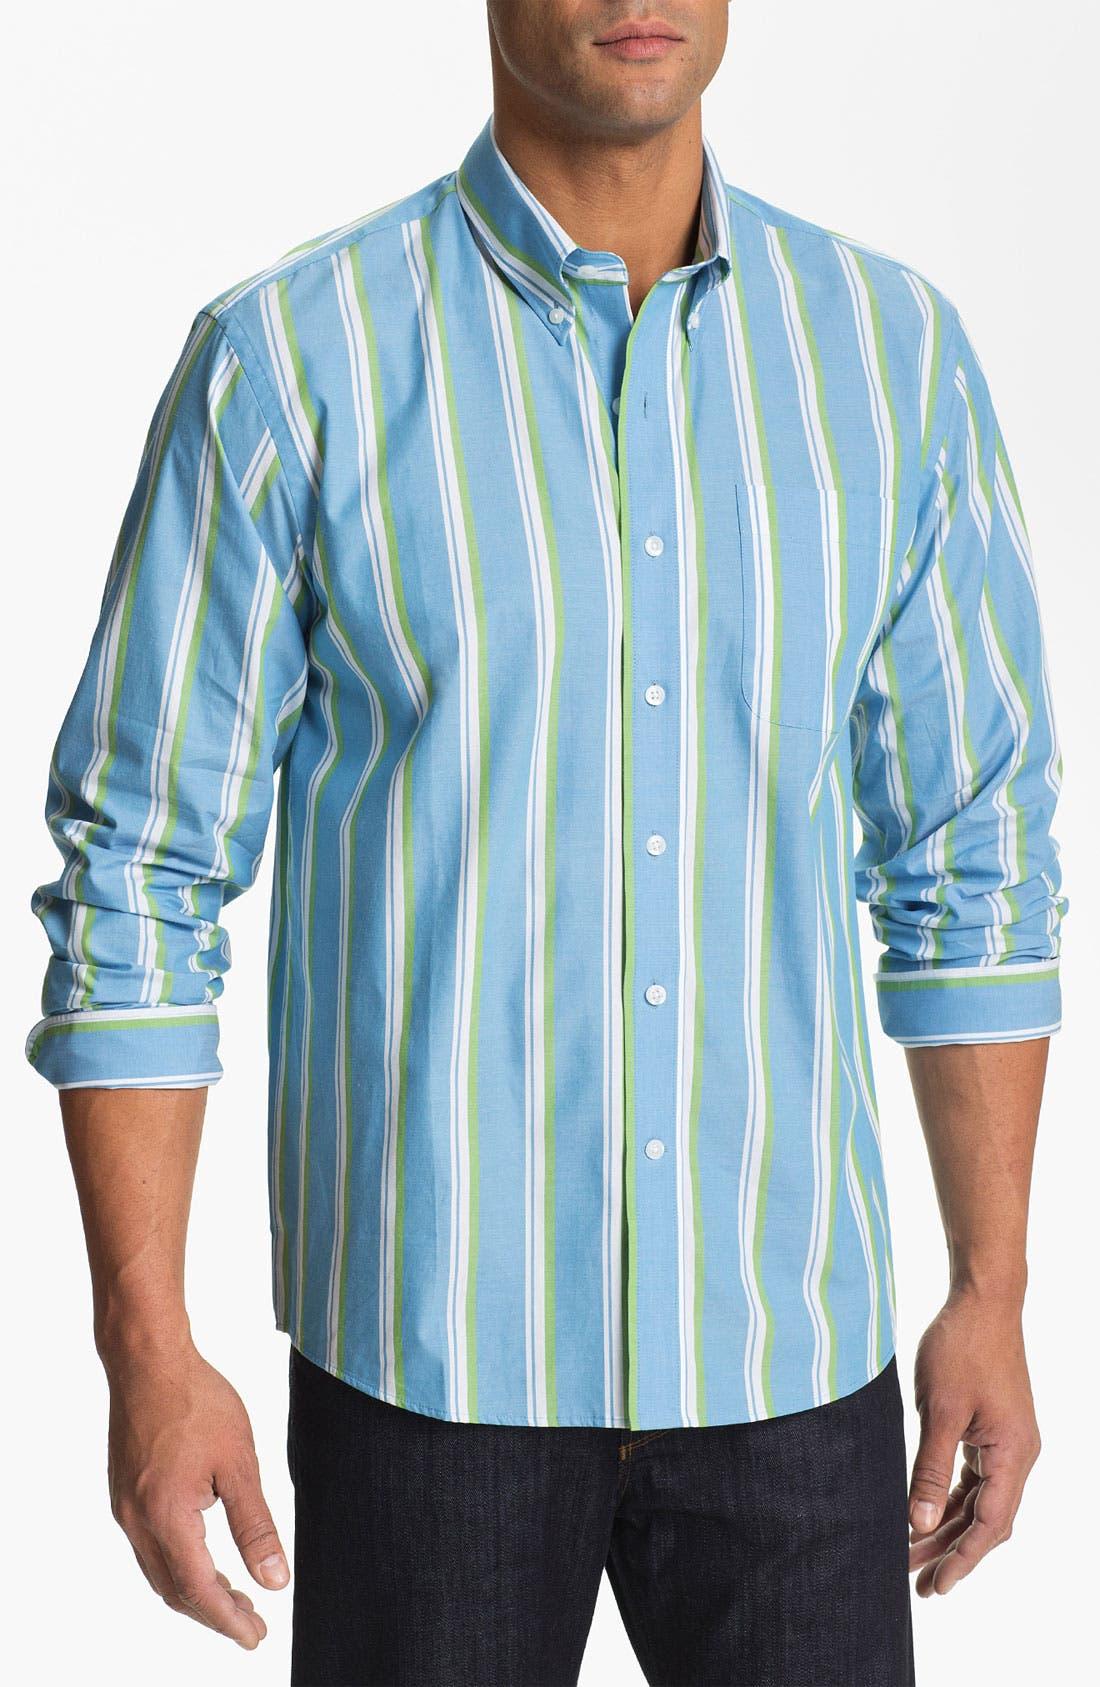 Main Image - Cutter & Buck 'Whitmire Stripe' Regular Fit Sport Shirt (Big & Tall)